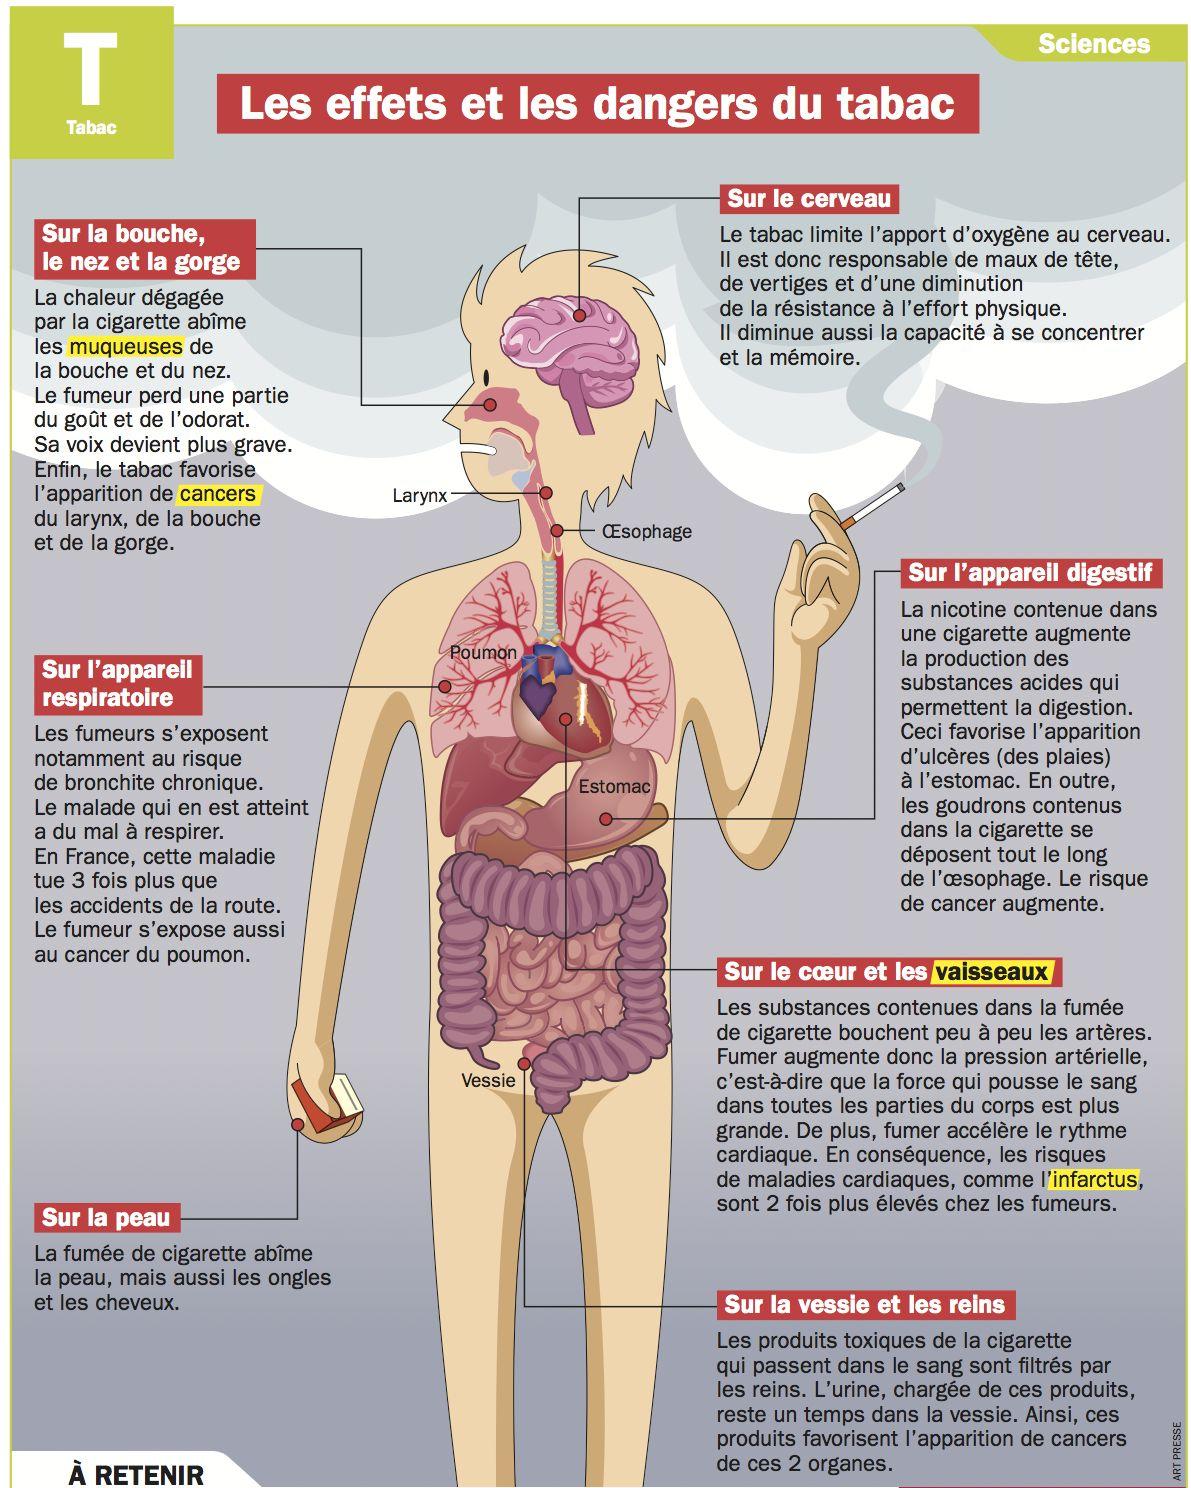 les effets et les dangers du tabac les dangers du tabac le tabac et tabac. Black Bedroom Furniture Sets. Home Design Ideas